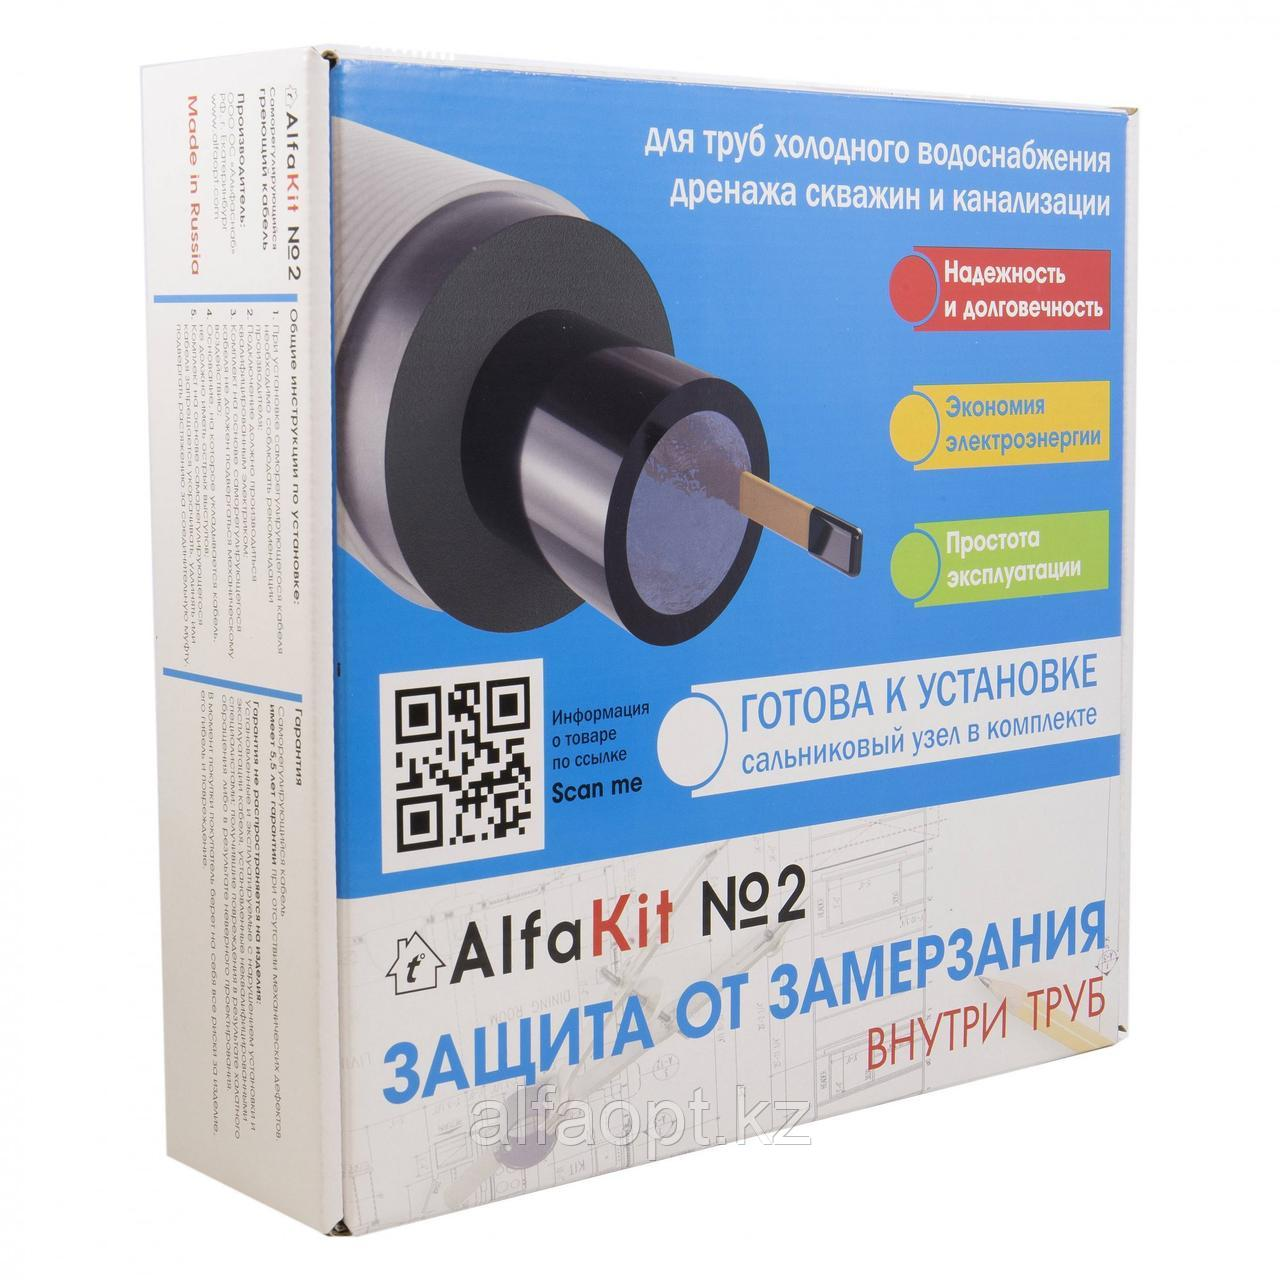 Комплект саморегулирующегося кабеля AlfaKit №2 16-2-20